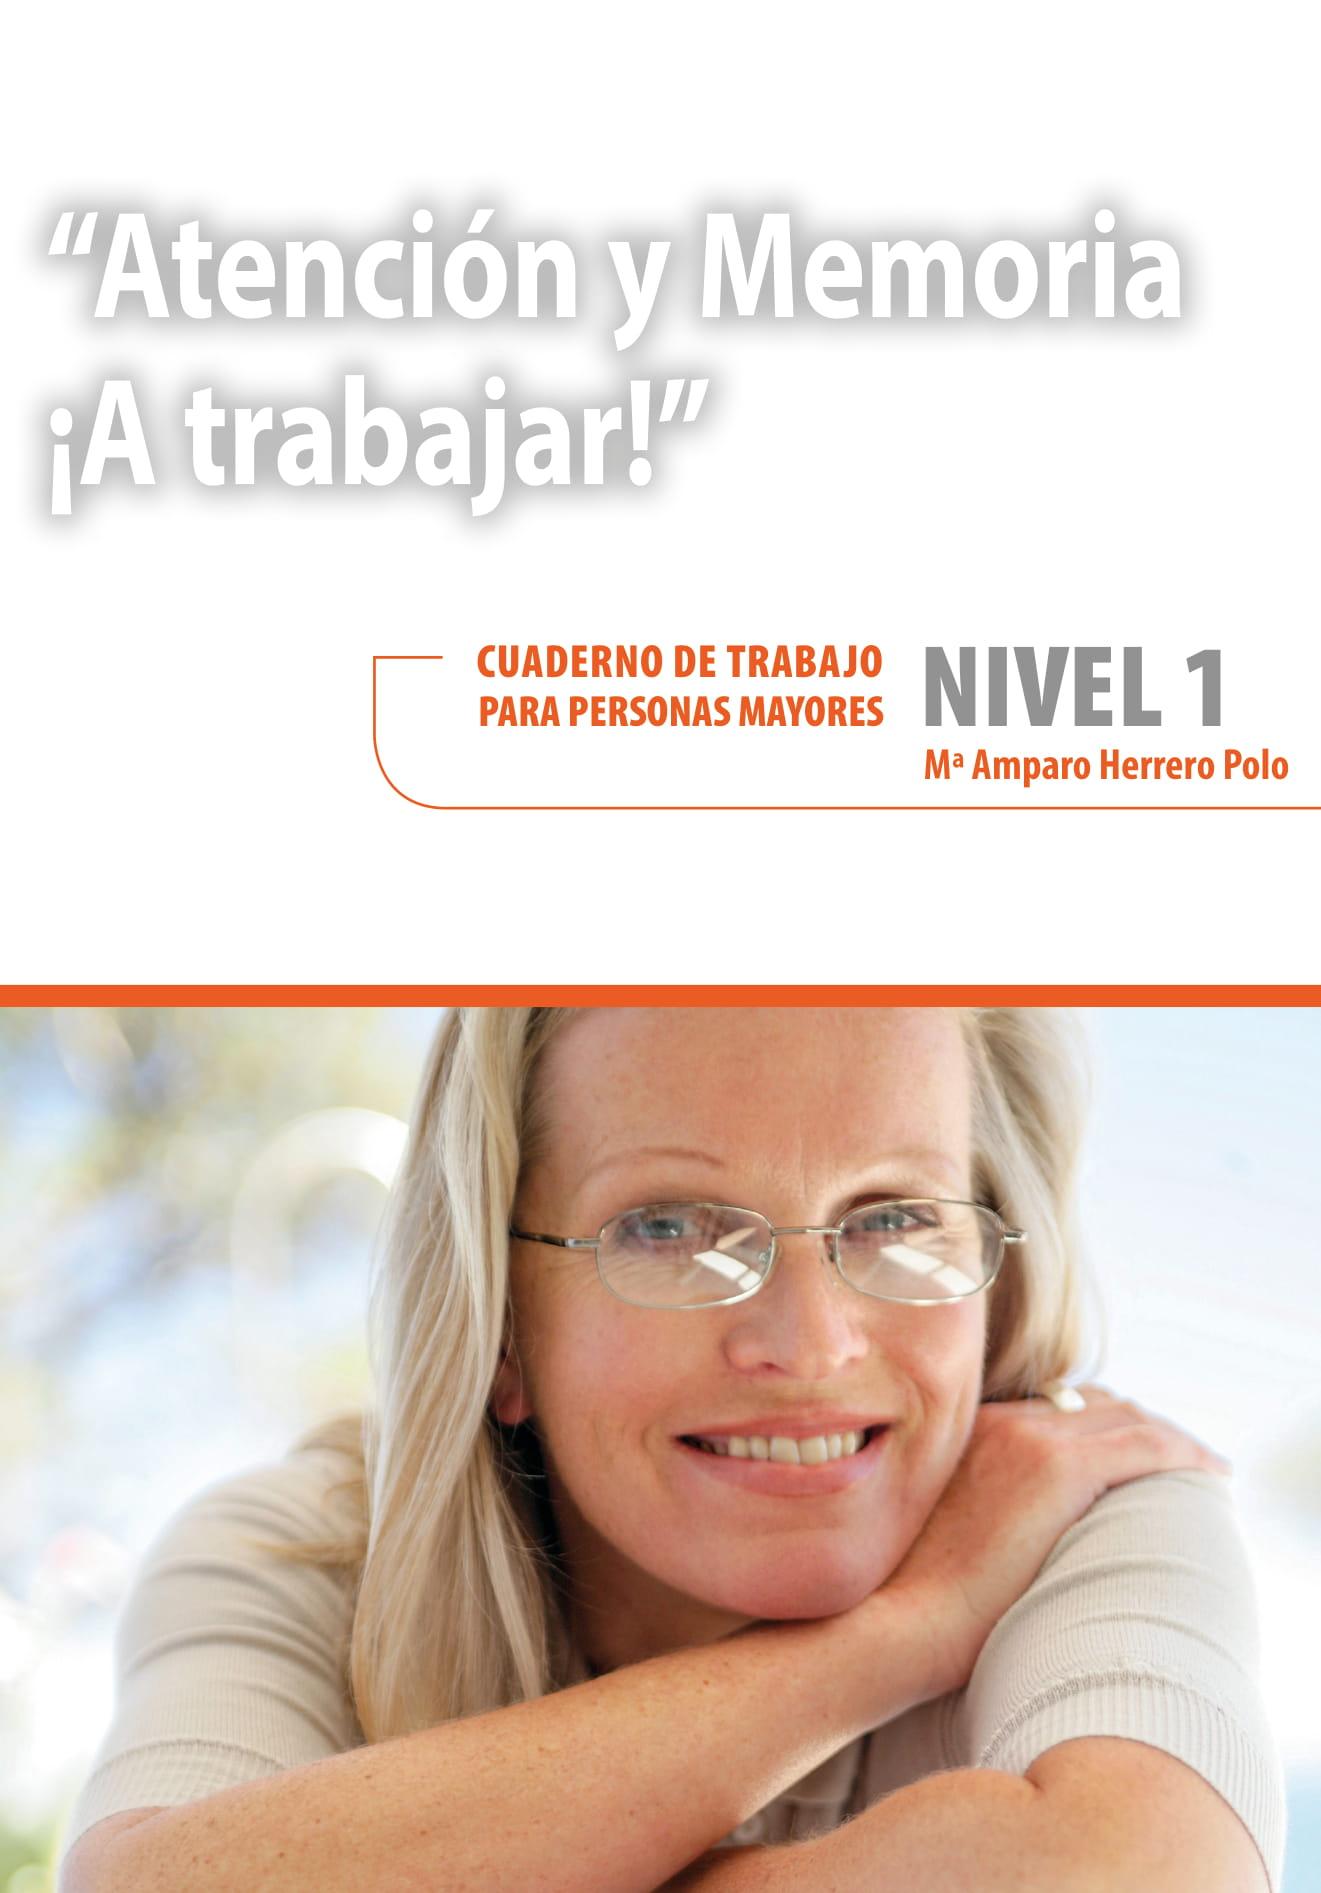 Atencion Y Memoria. A Trabajar! Nivel 1 por M. Amparo Herrero Polo